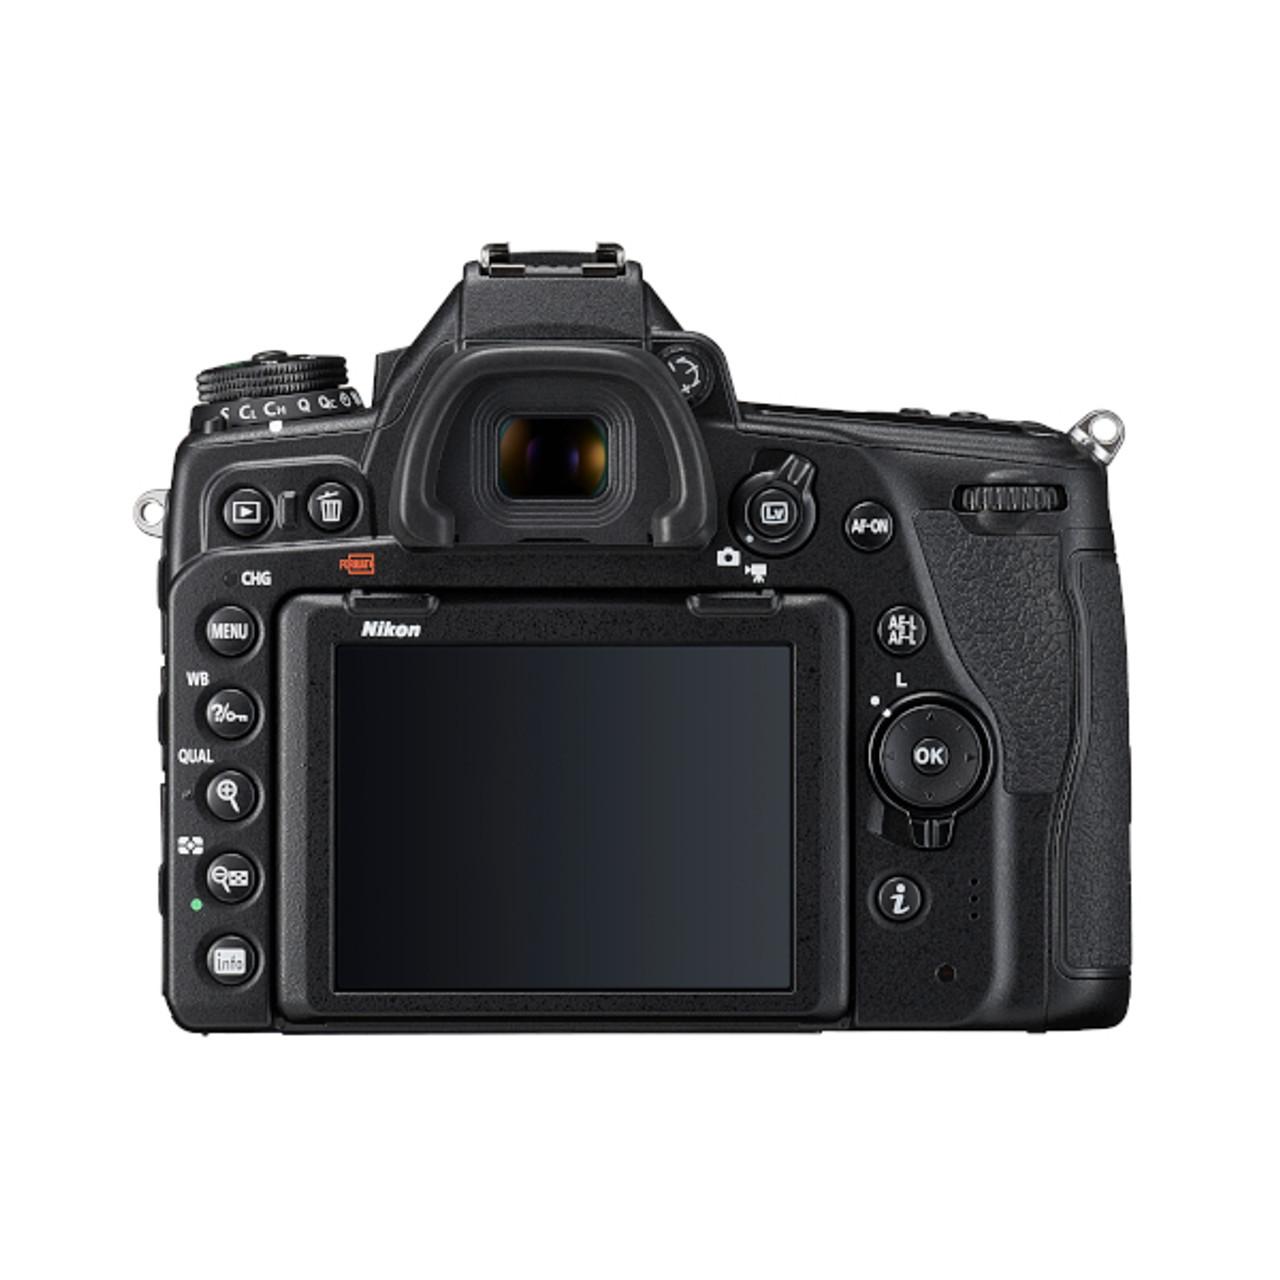 Nikon D780 AF-S 24-120mm F4 G ED VR Kit (Pre-Order Deposit)